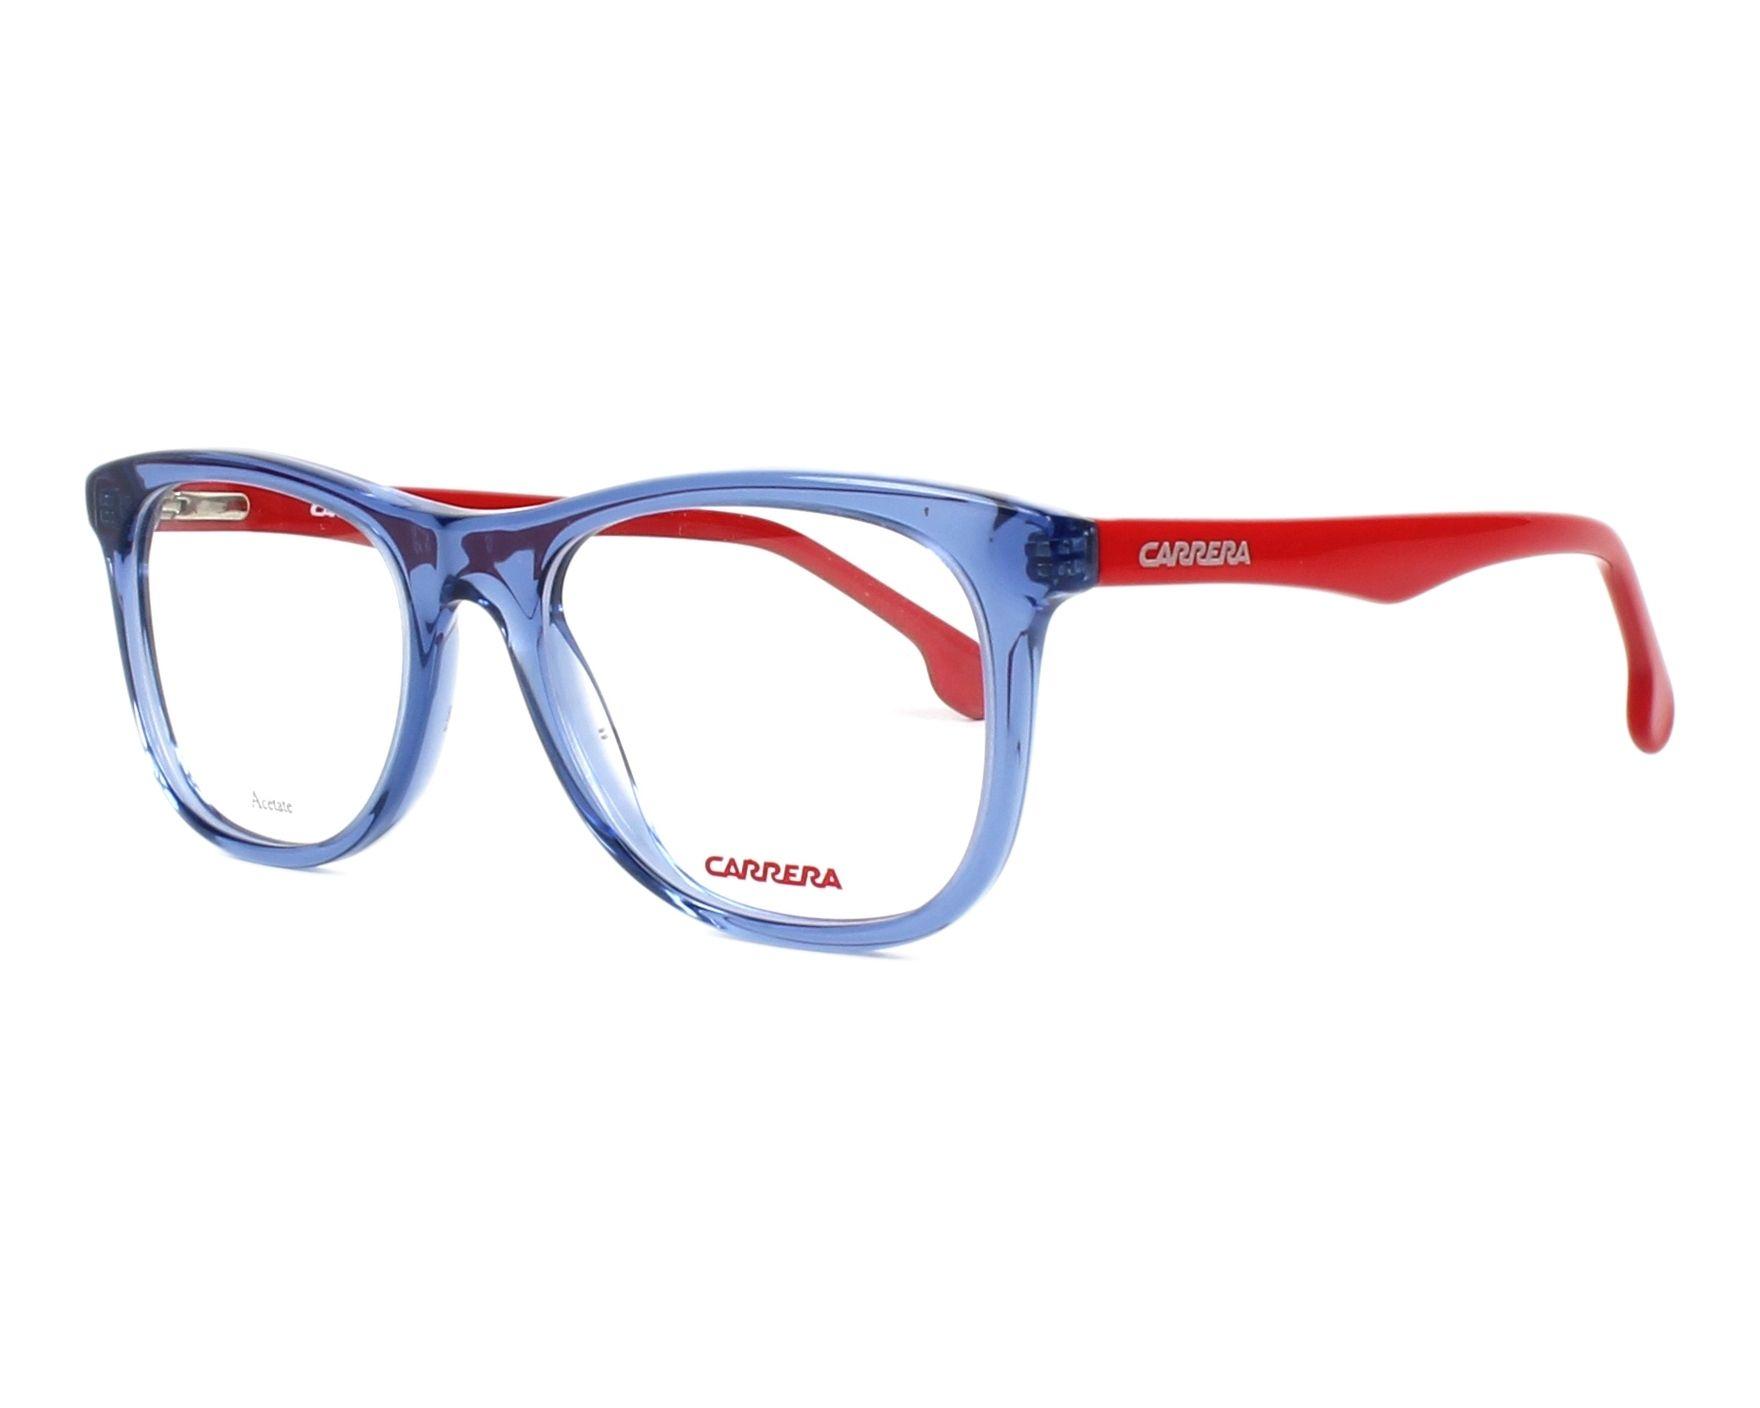 Lunettes de vue Carrera CARRERINO-63 8RU 49-18 Bleu Rouge vue de profil 0bdfeca6314d